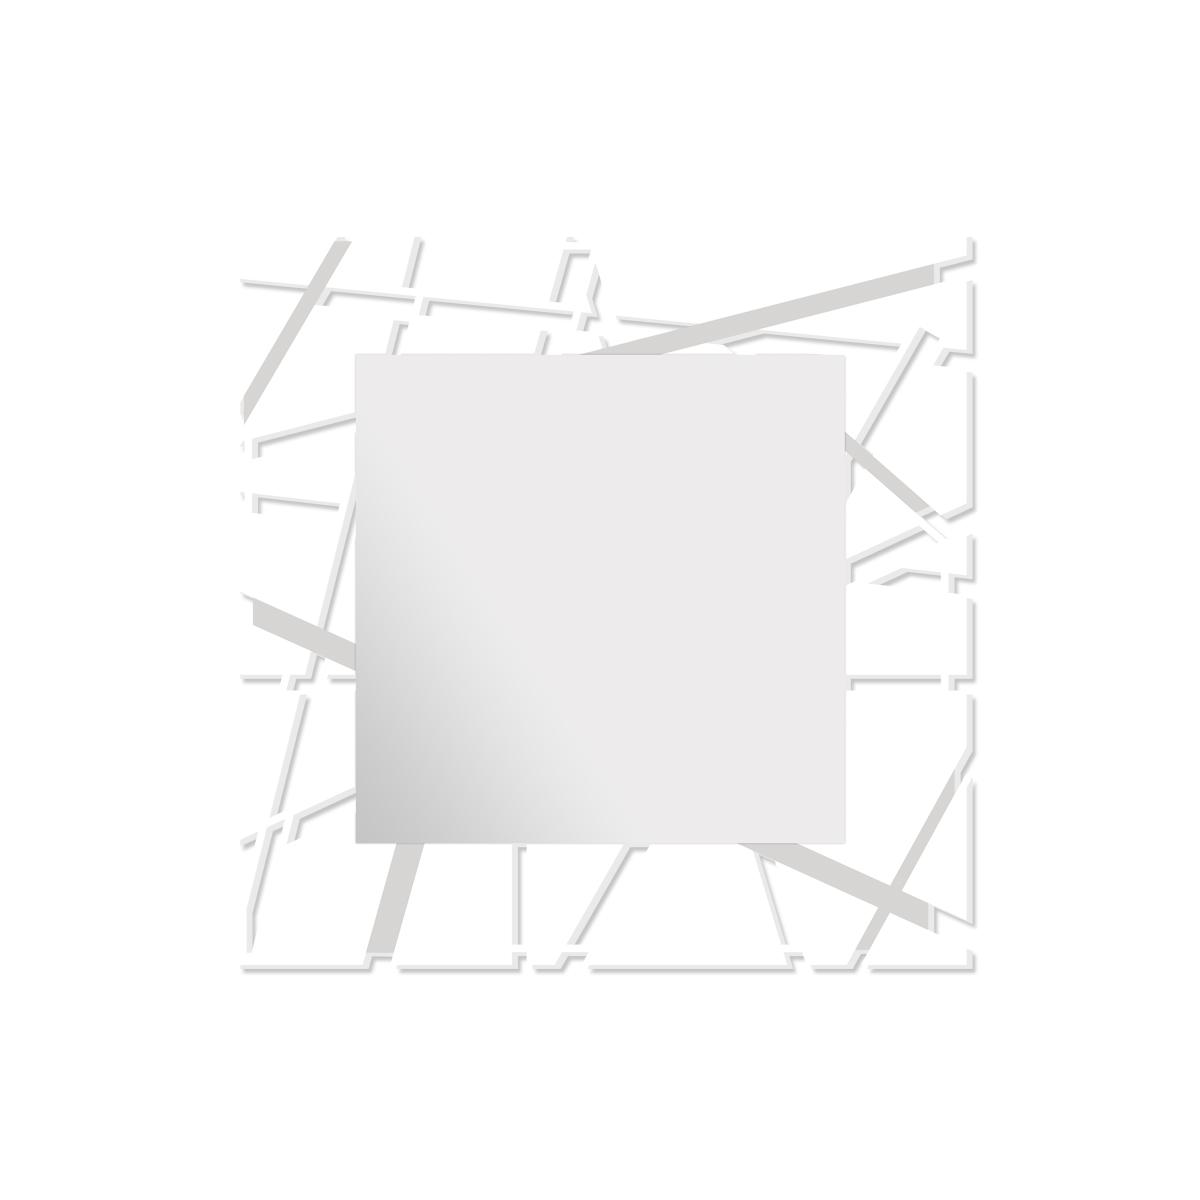 L:A:S - Laser Art Style - SPECCHIO DA PARETE DESIGN MINIMAL – SI-095Q-SP BIANCO